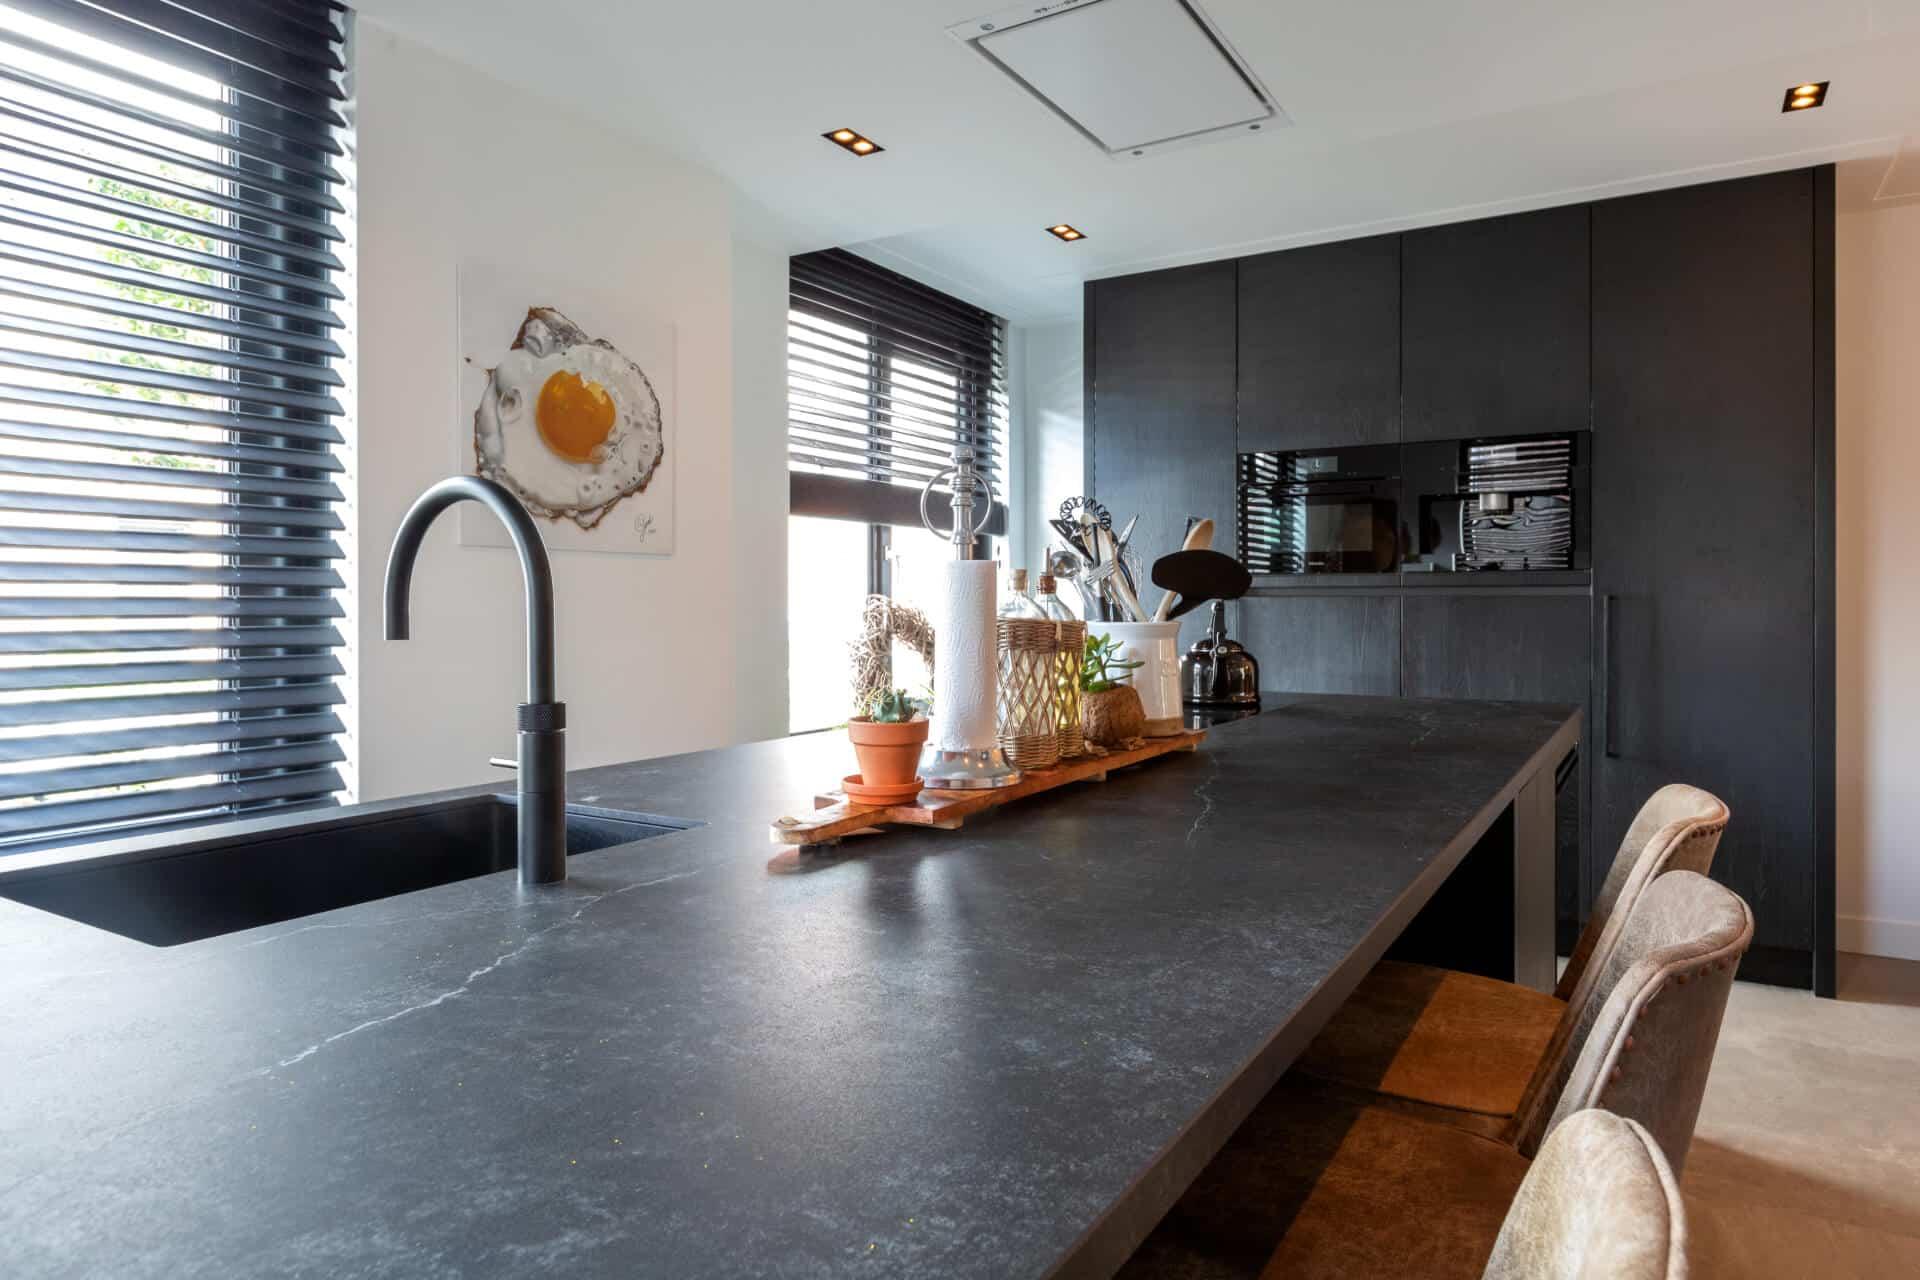 Zwarte moderne keuken quooker kraan 5